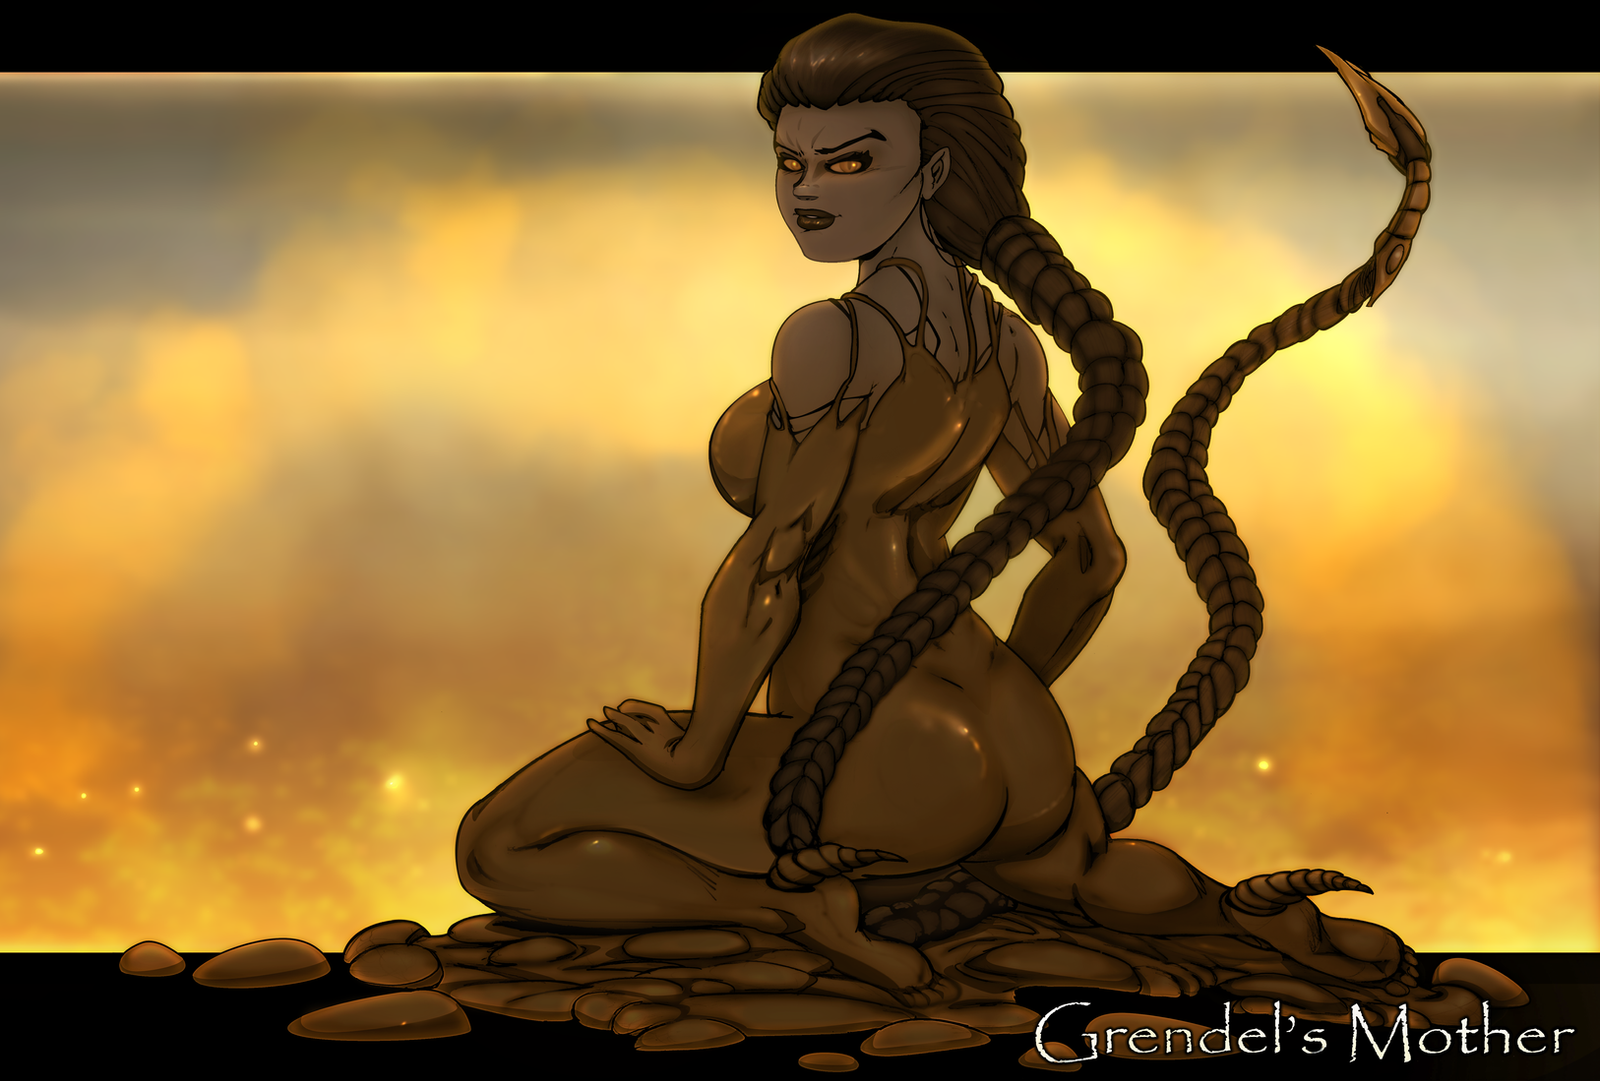 Grendel's Mother by Chronorin on DeviantArt